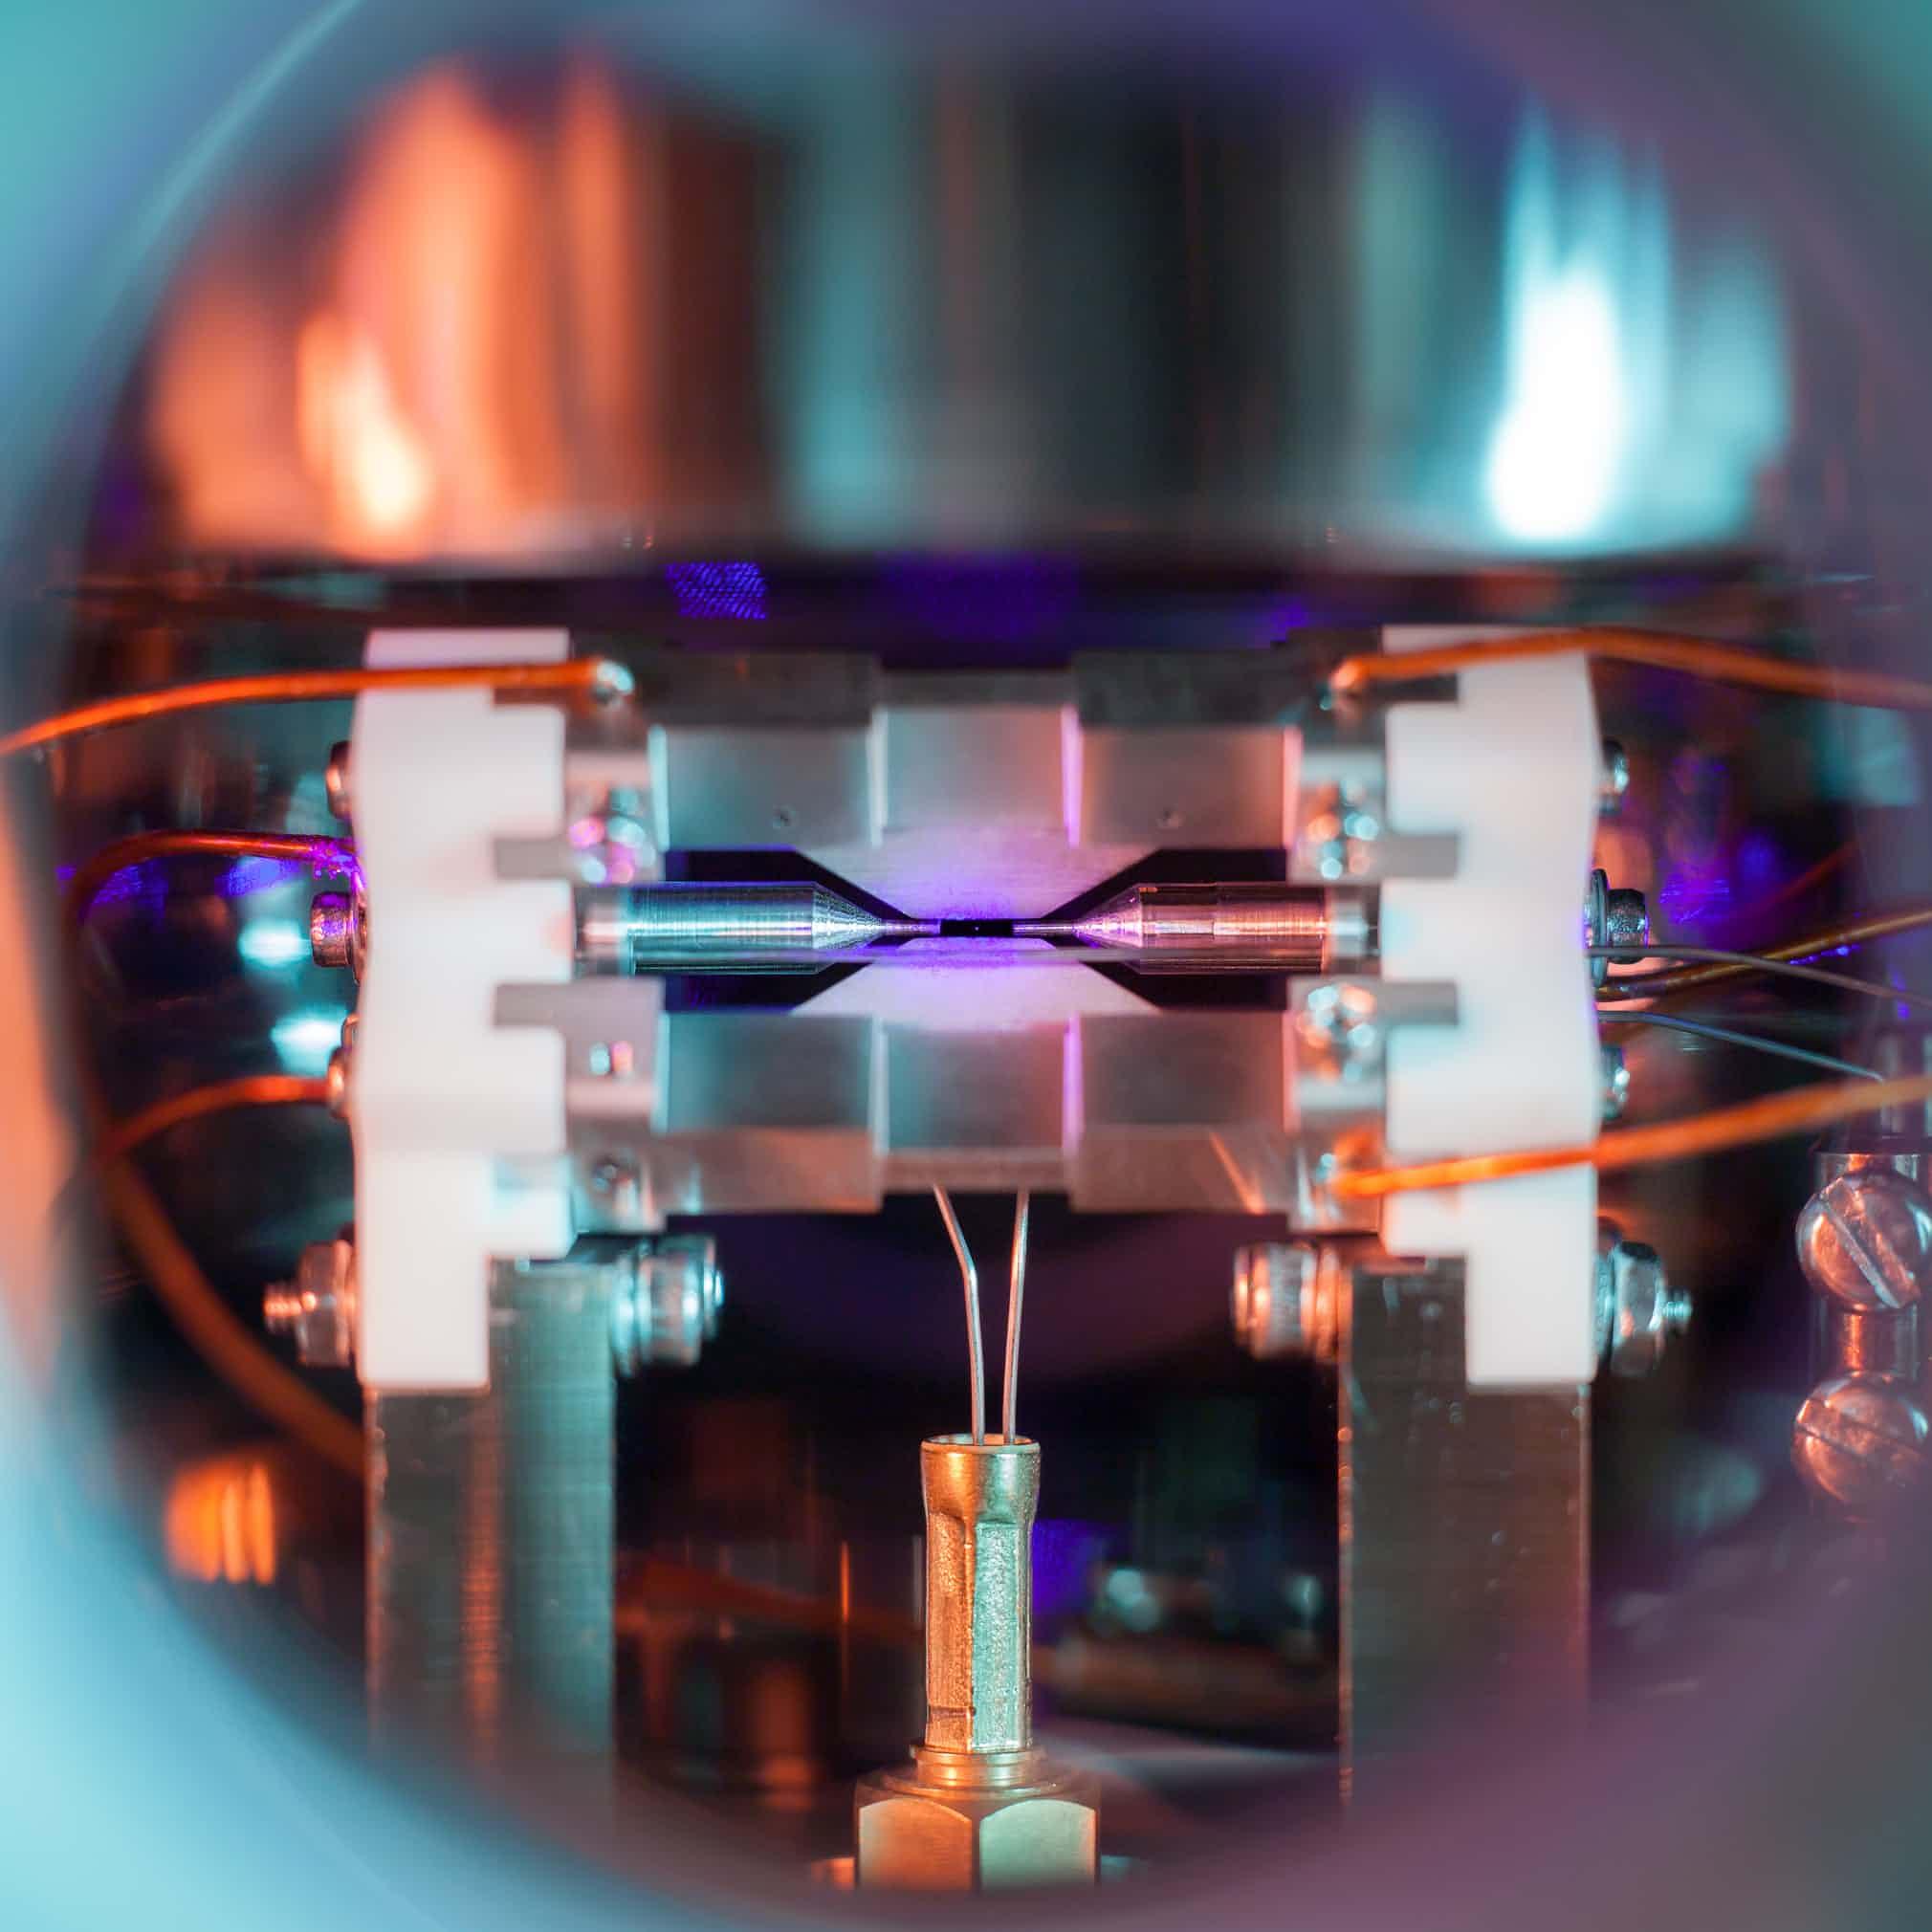 اتم منفرد در تلهی یونی. David Nadlinger از دانشگاه آکسفورد. در مرکز تصویر، یک نقطهی روشن و بسیار ریز میبینید: یک اتم استرانتیوم با بار مثبت. این اتم به دلیل وجود میدانهای الکتریکی اطرافش، تقریباً بدون حرکت نگه داشته شده است.